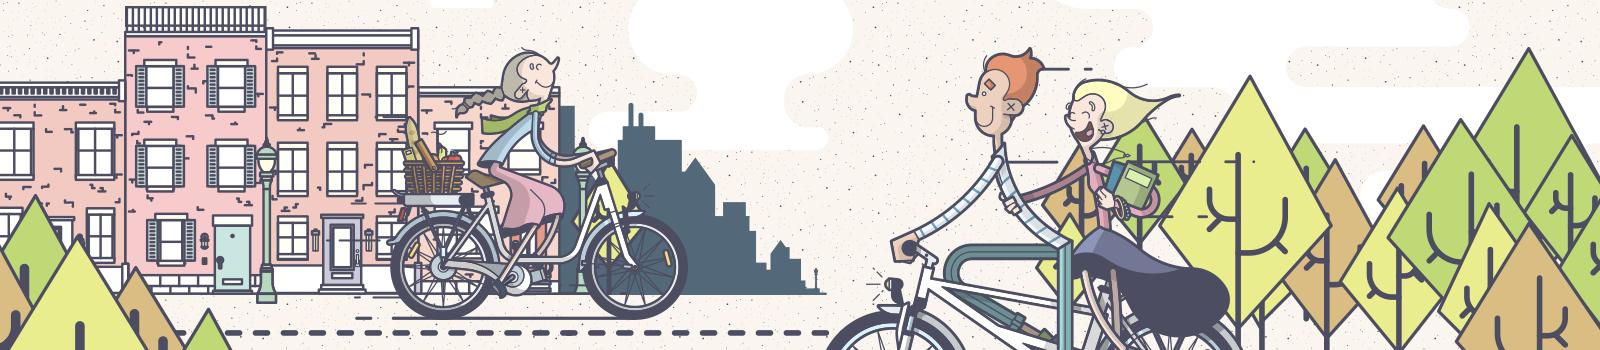 Chris-Fernandez-Evelo-Bikes-Banner